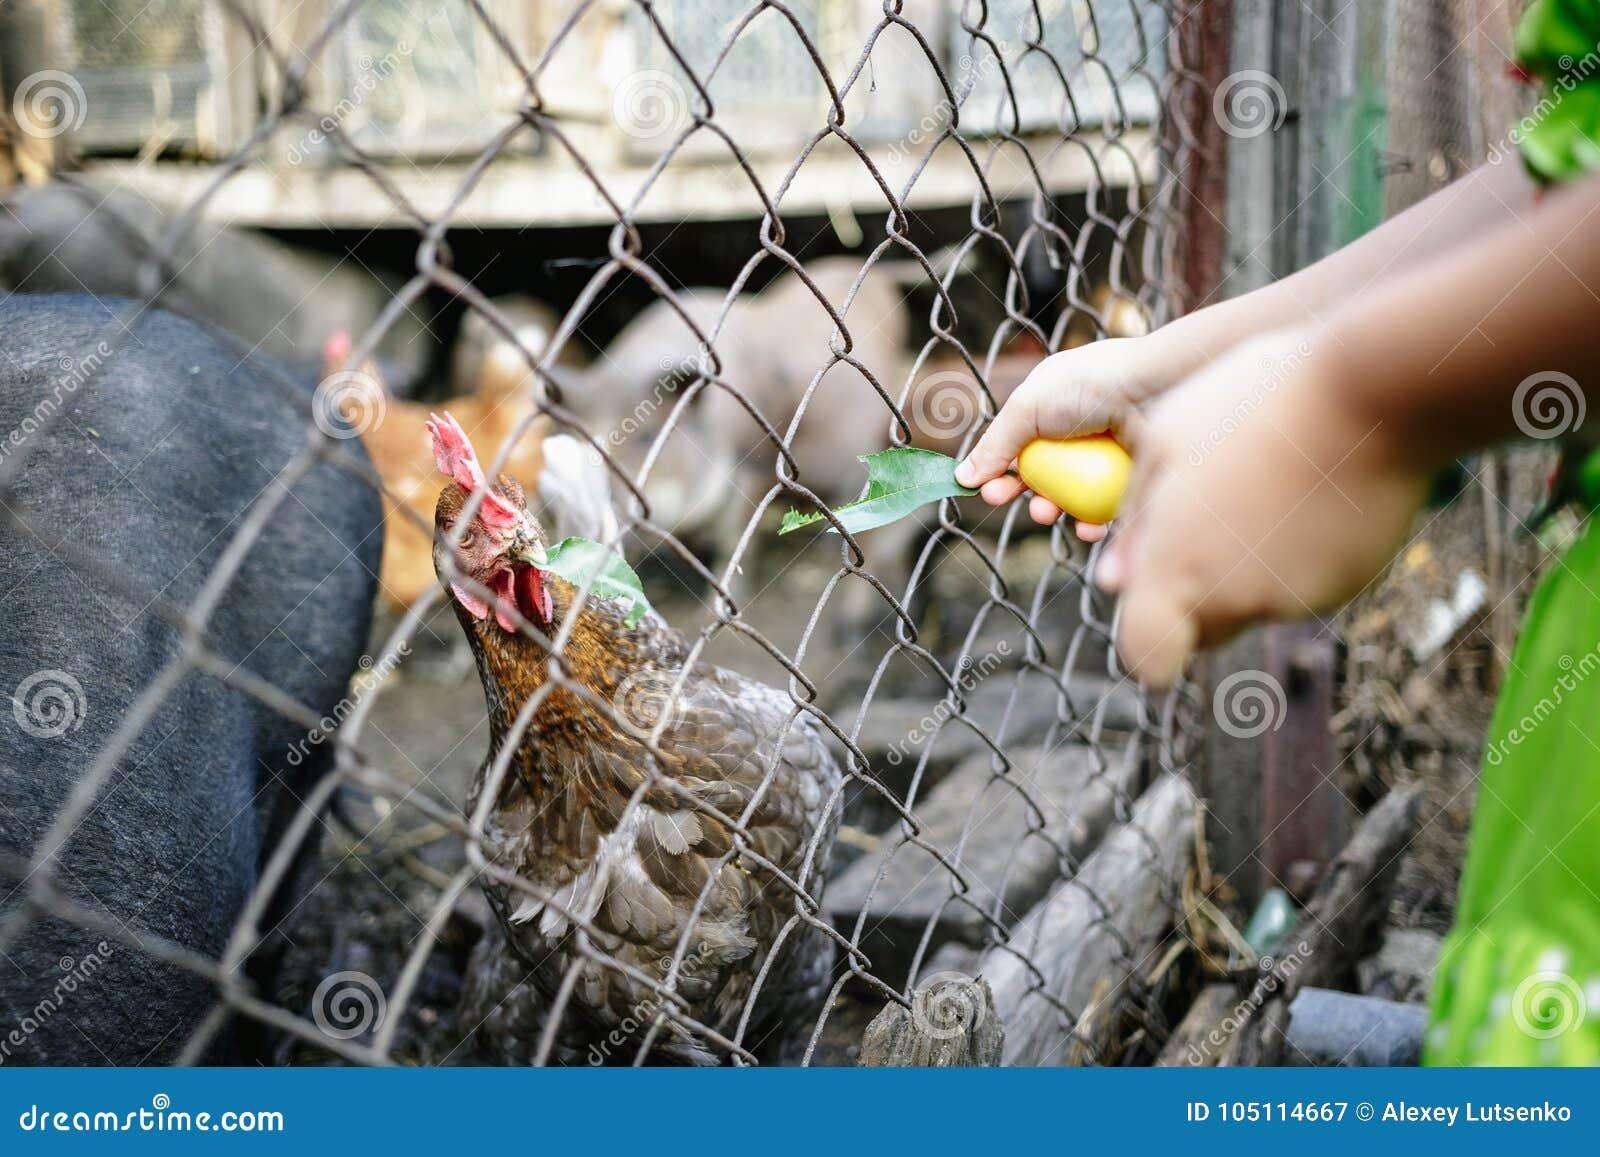 Cerdos y pollos vietnamitas de alimentación en la granja